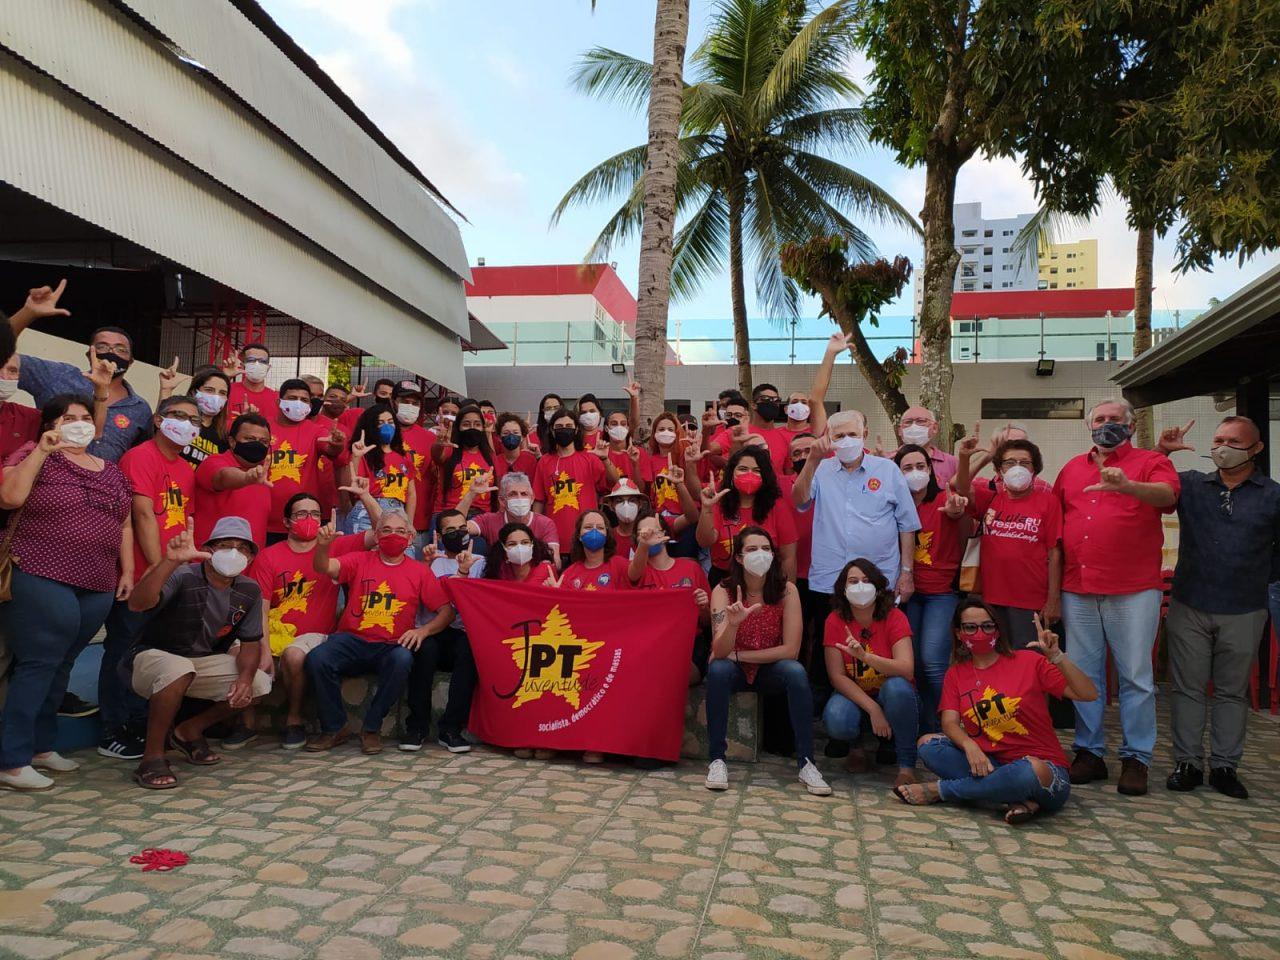 WhatsApp Image 2021 09 04 at 17.12.59 1 scaled - Prestes a se filiar ao PT, Ricardo Coutinho participa de evento com jovens do partido; VEJA VÍDEO